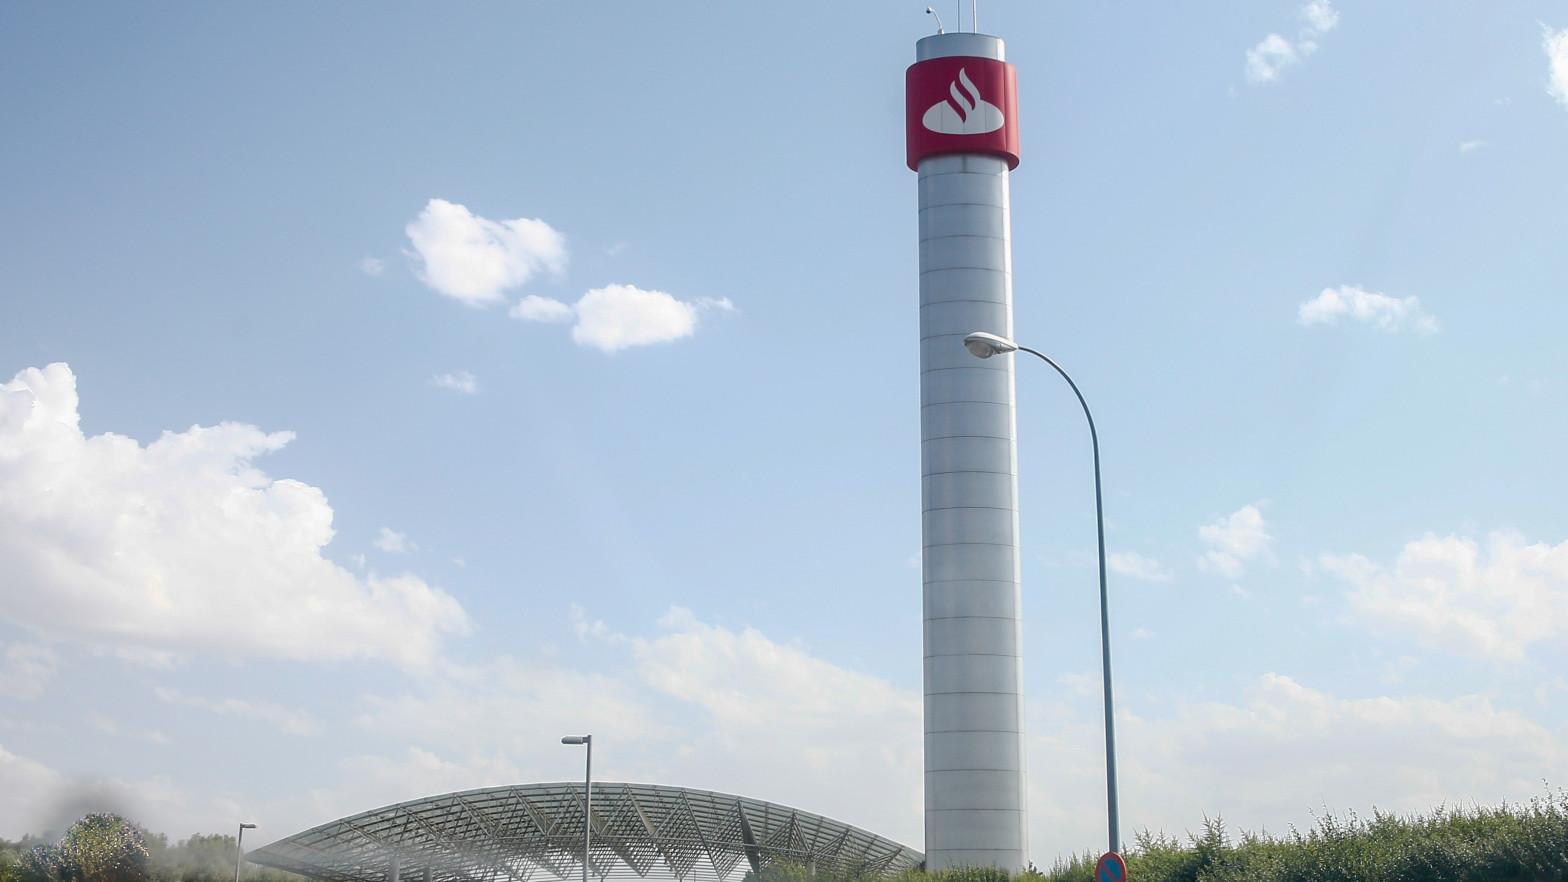 Las reclamaciones a la filial del Santander de préstamos al consumo se duplican